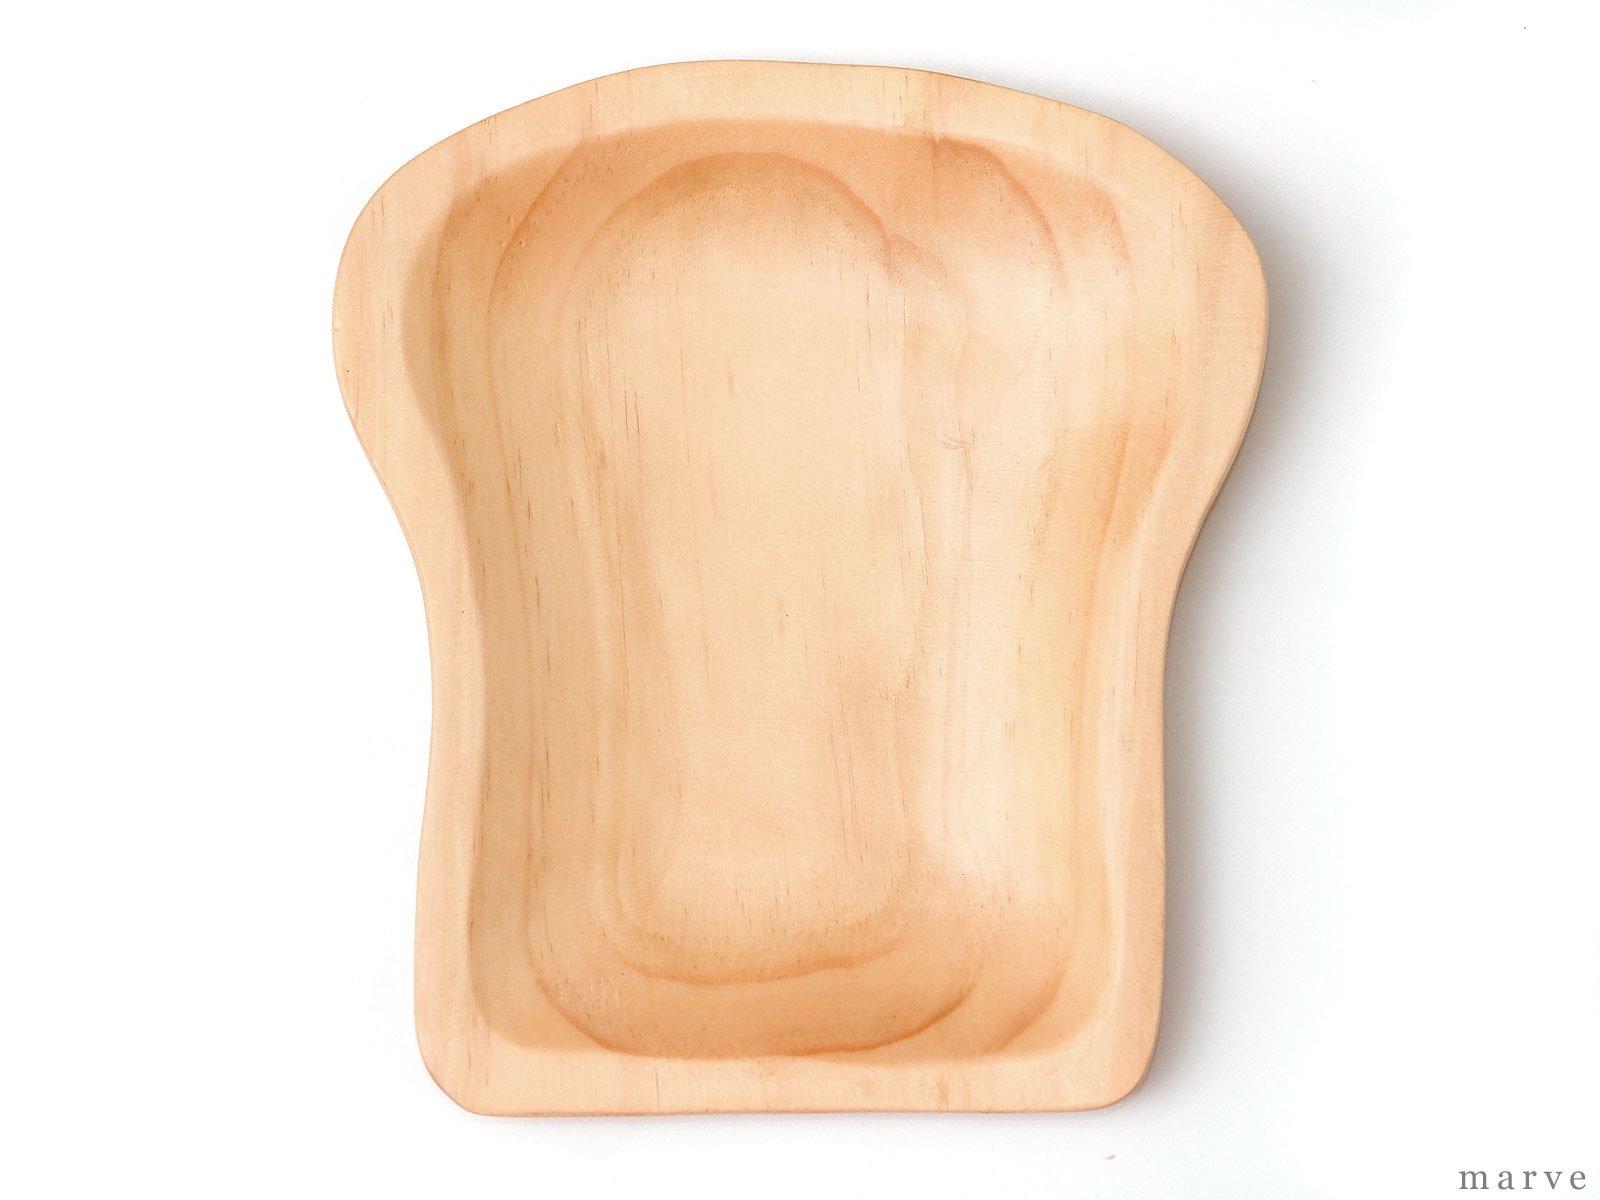 木の器 パイン材 食パントレイ PAN MAISON WOOD BREAD TRAY